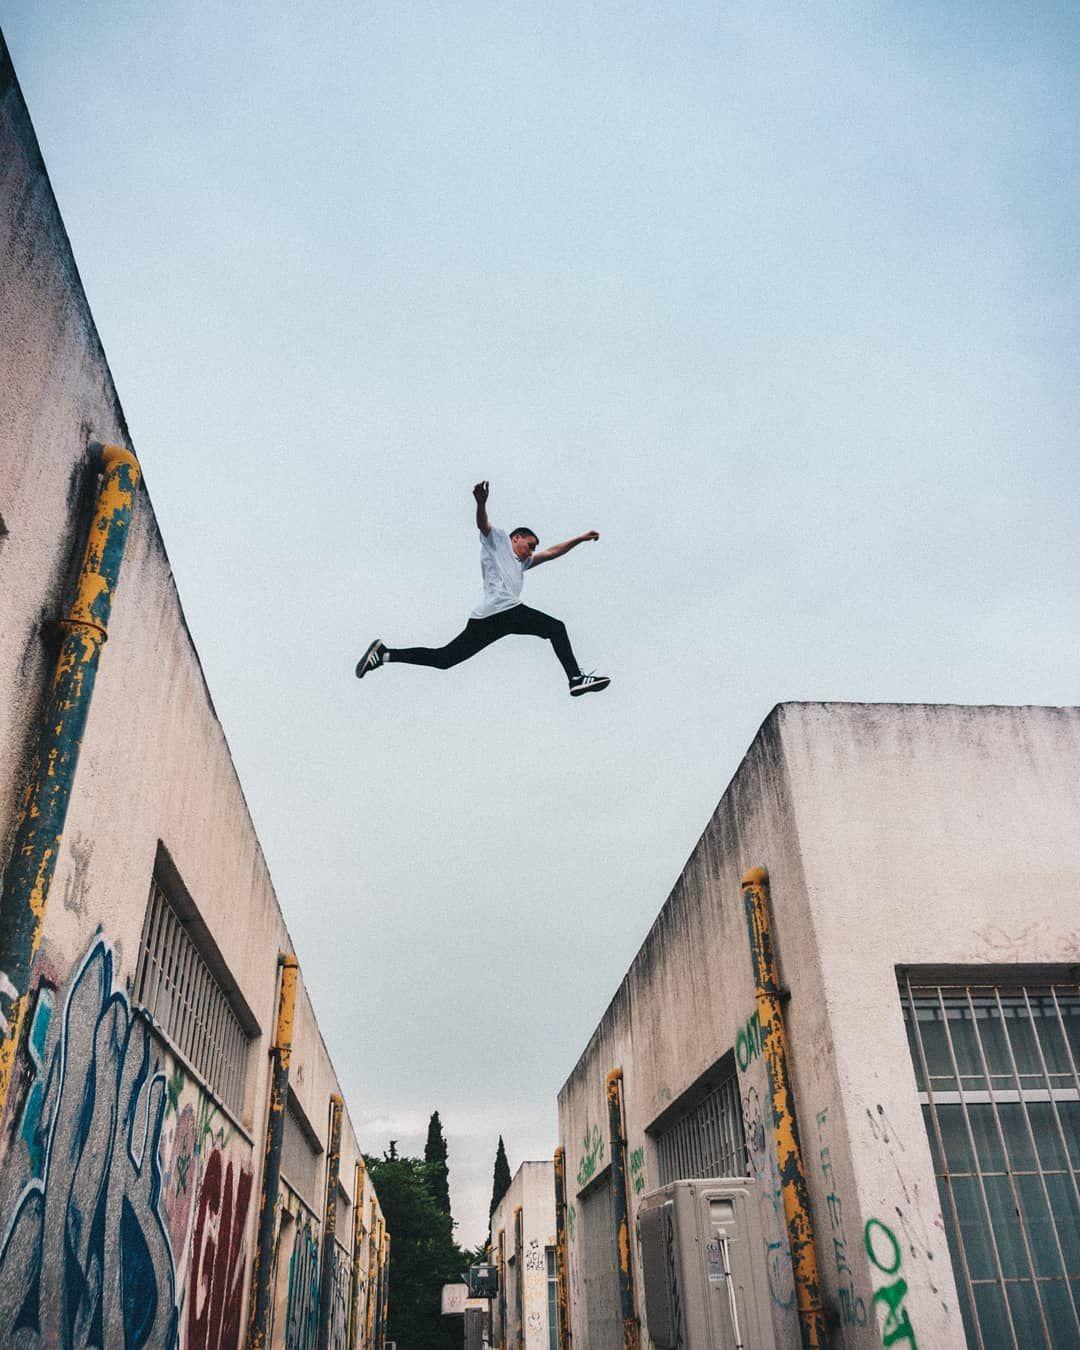 Roof Jump Parkour Moves Parkour Photo